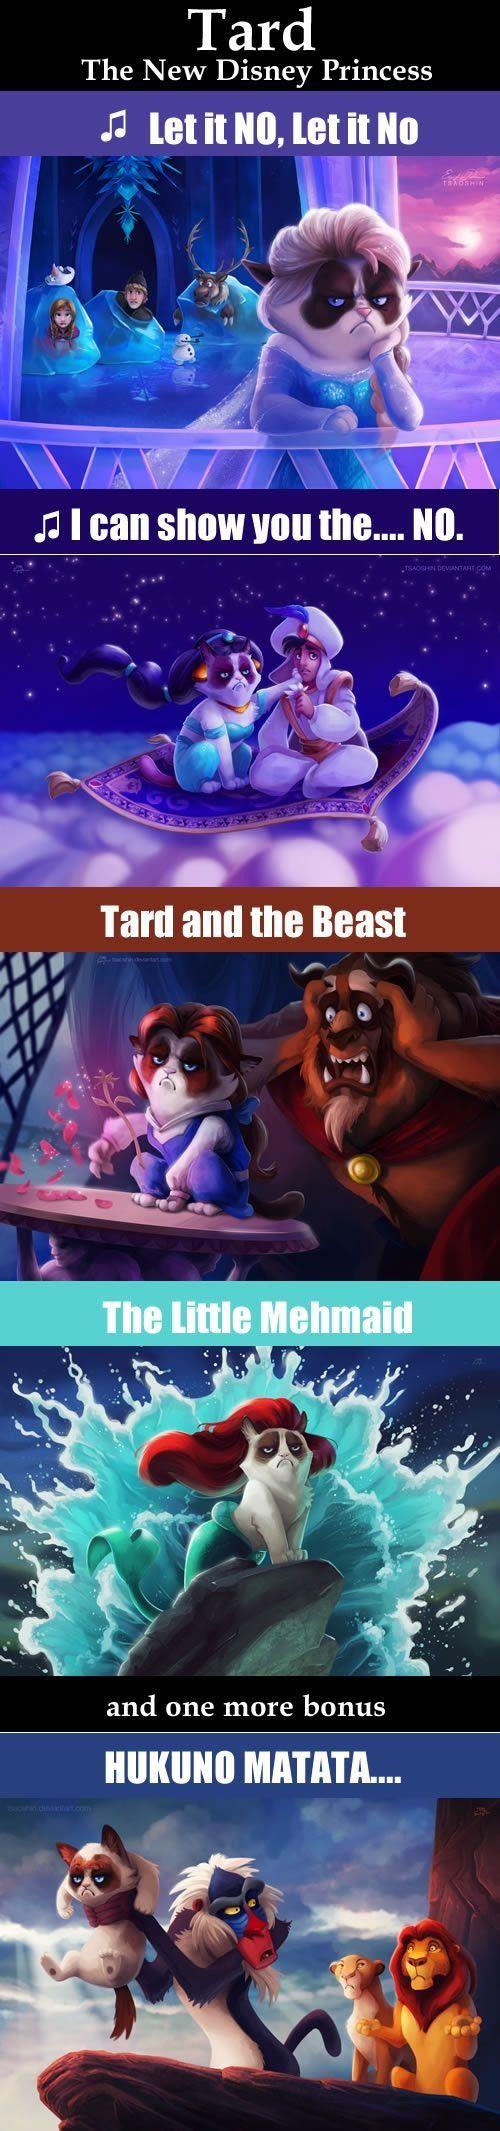 Grumpy cat as certain Disney characters